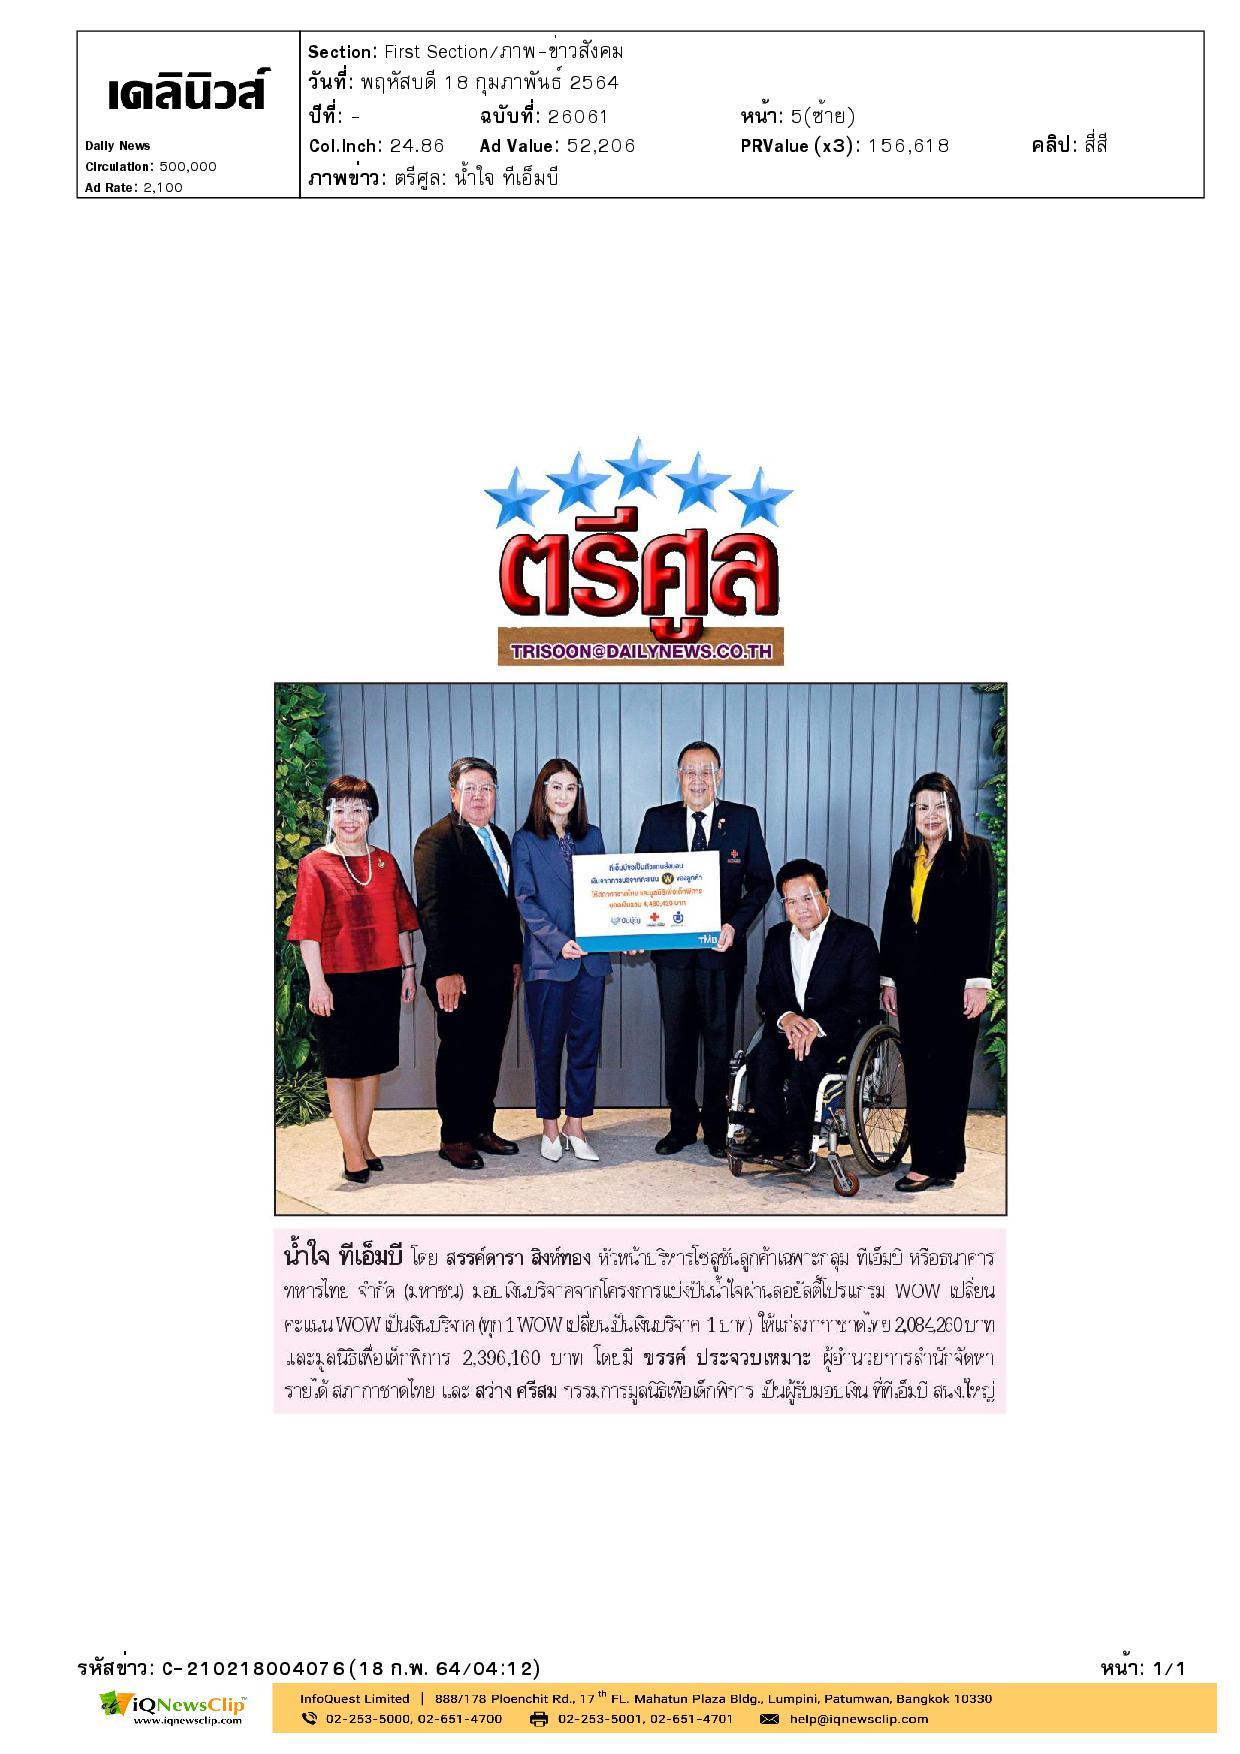 ธนาคารทหารไทย บริจาคเงินให้สภากาชาดไทย